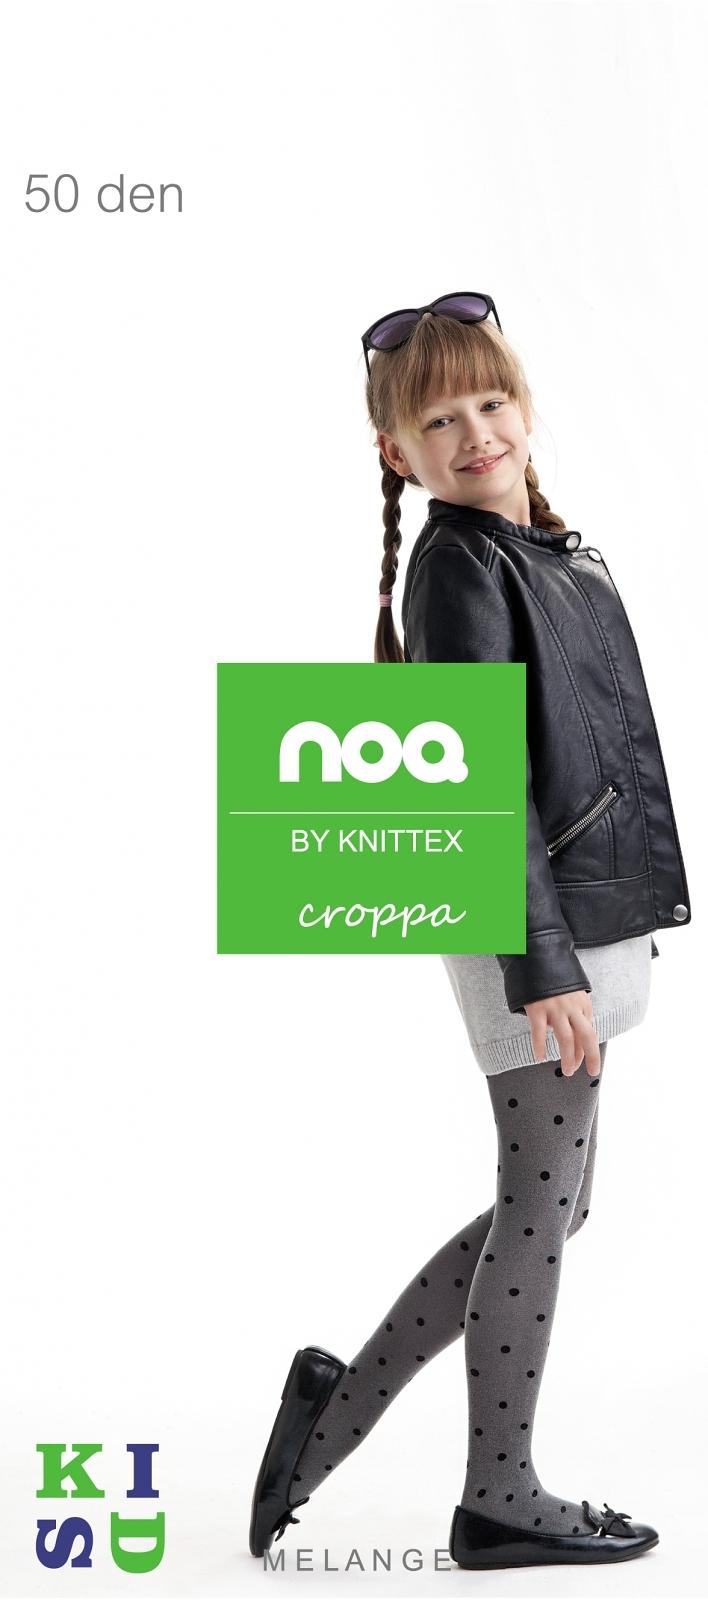 Punčochové kalhoty Knittex Croppa - Nero/128-134